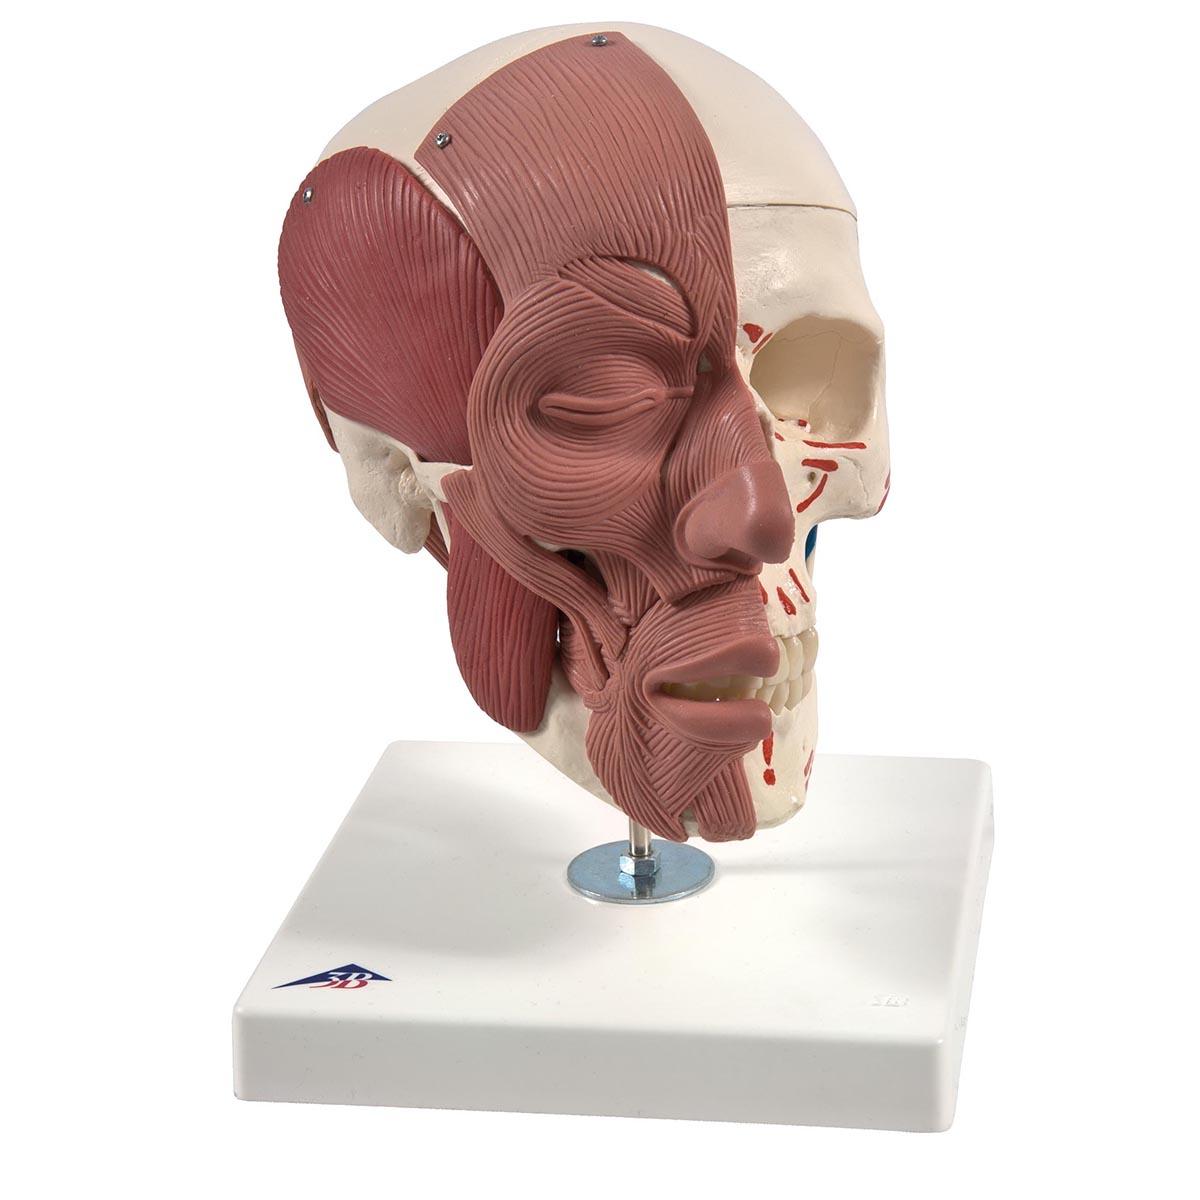 Cráneo con músculos faciales | Anatomical 3D